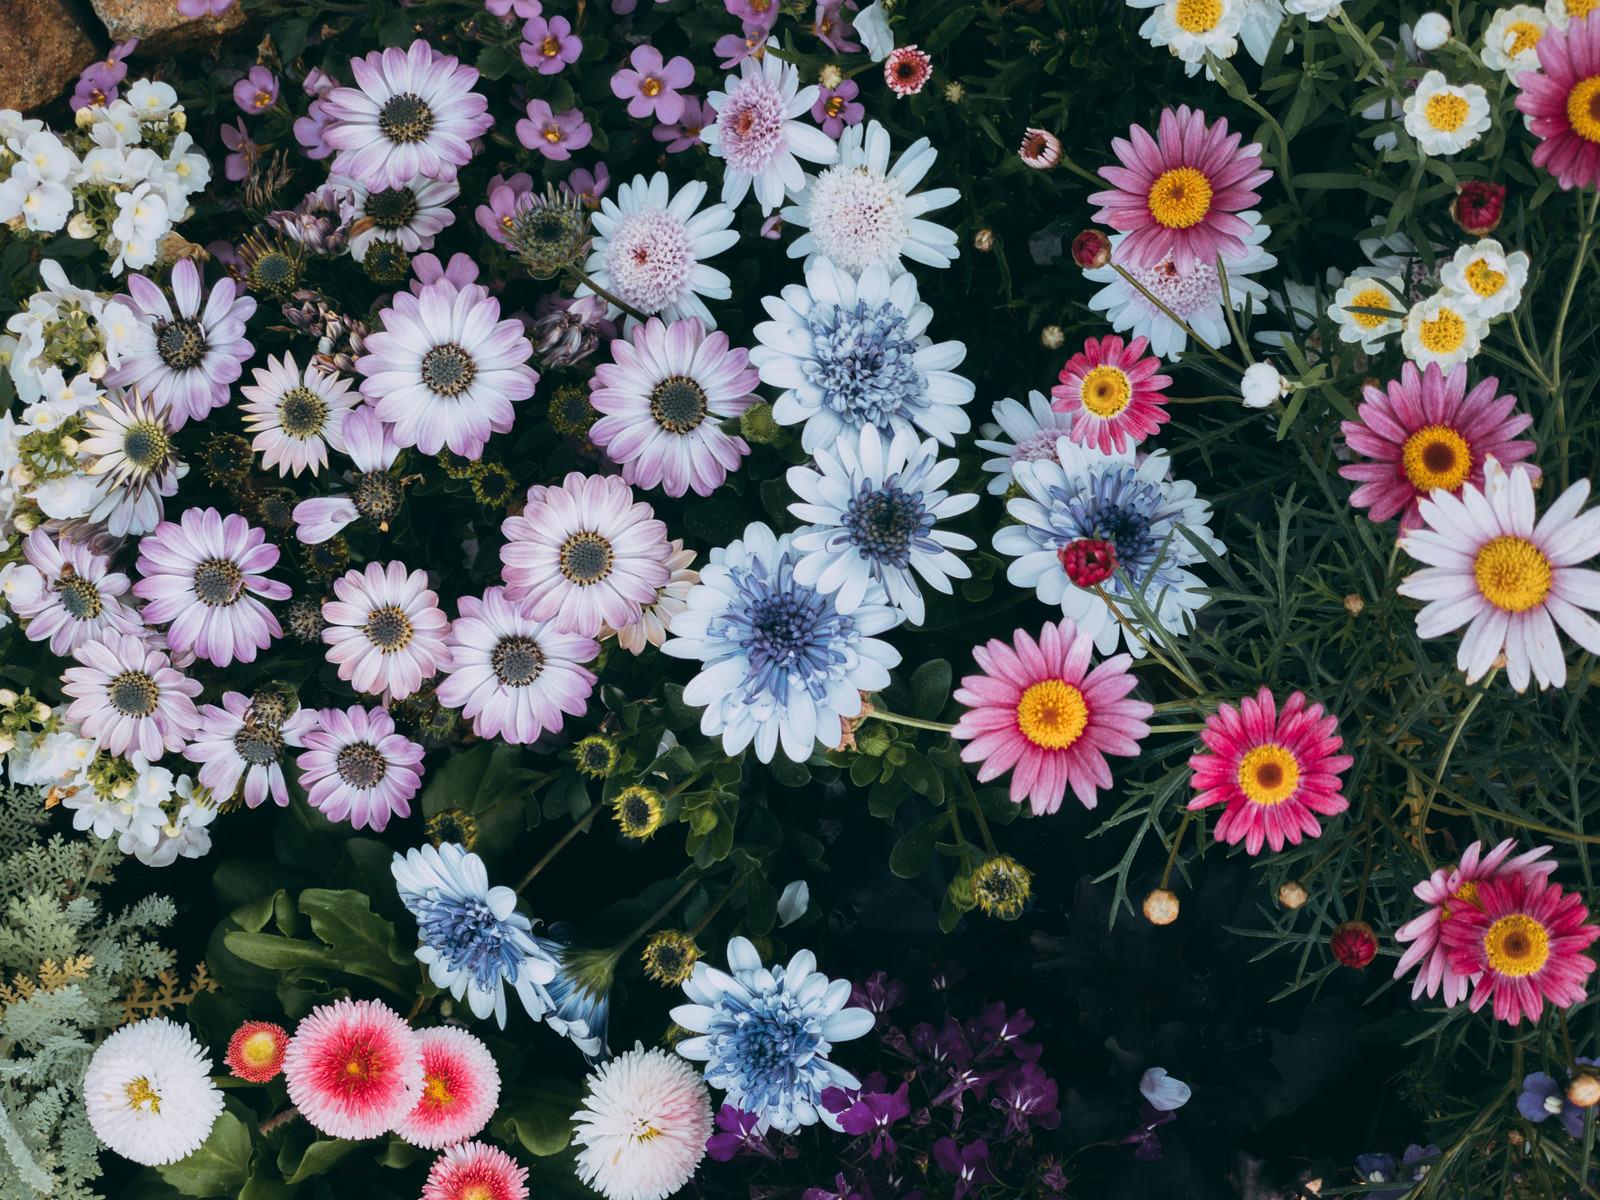 「まんまるお花が咲く花壇」の写真